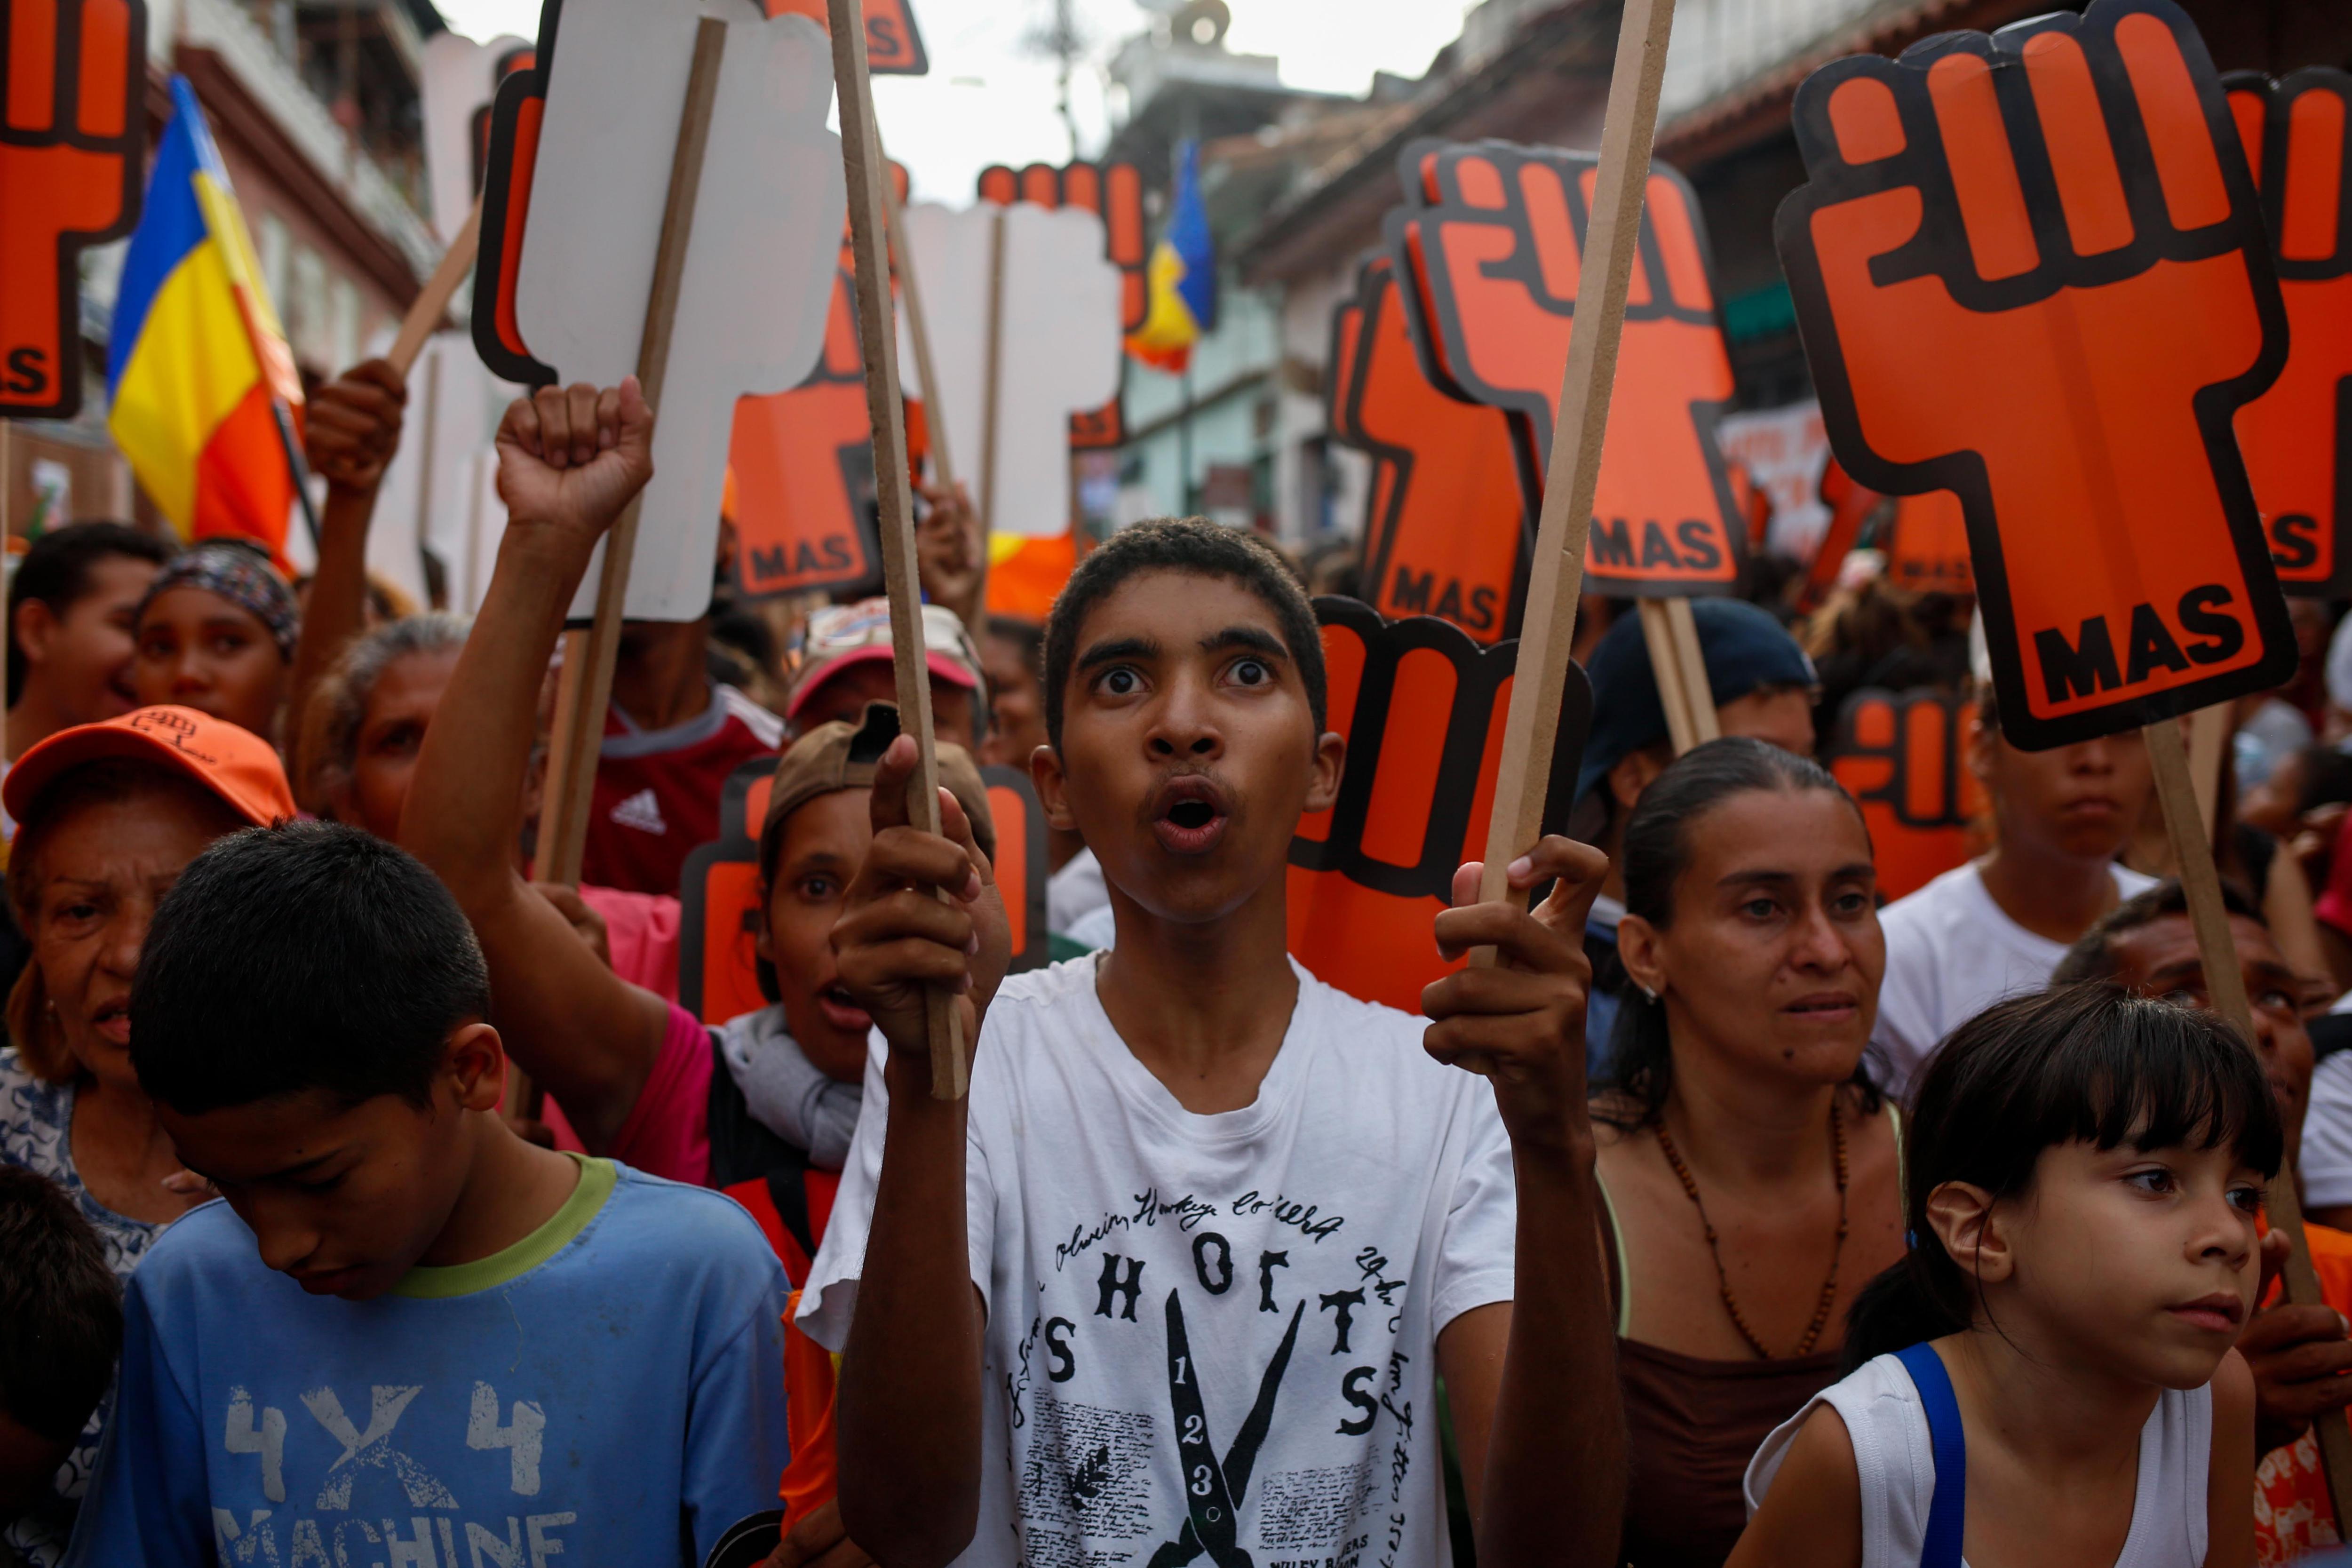 -FOTODELDIA- CAR100 - CARACAS (VENEZUELA), 14/05/2018.- Simpatizantes del candidato a la presidencia de Venezuela, el opositor Henri Falcón, participan en un acto de campaña, hoy lunes 14 de mayo de 2018, en Caracas (Venezuela). Las elecciones presidenciales se realizarán en el país el 20 de mayo. EFE/Cristian Hernández